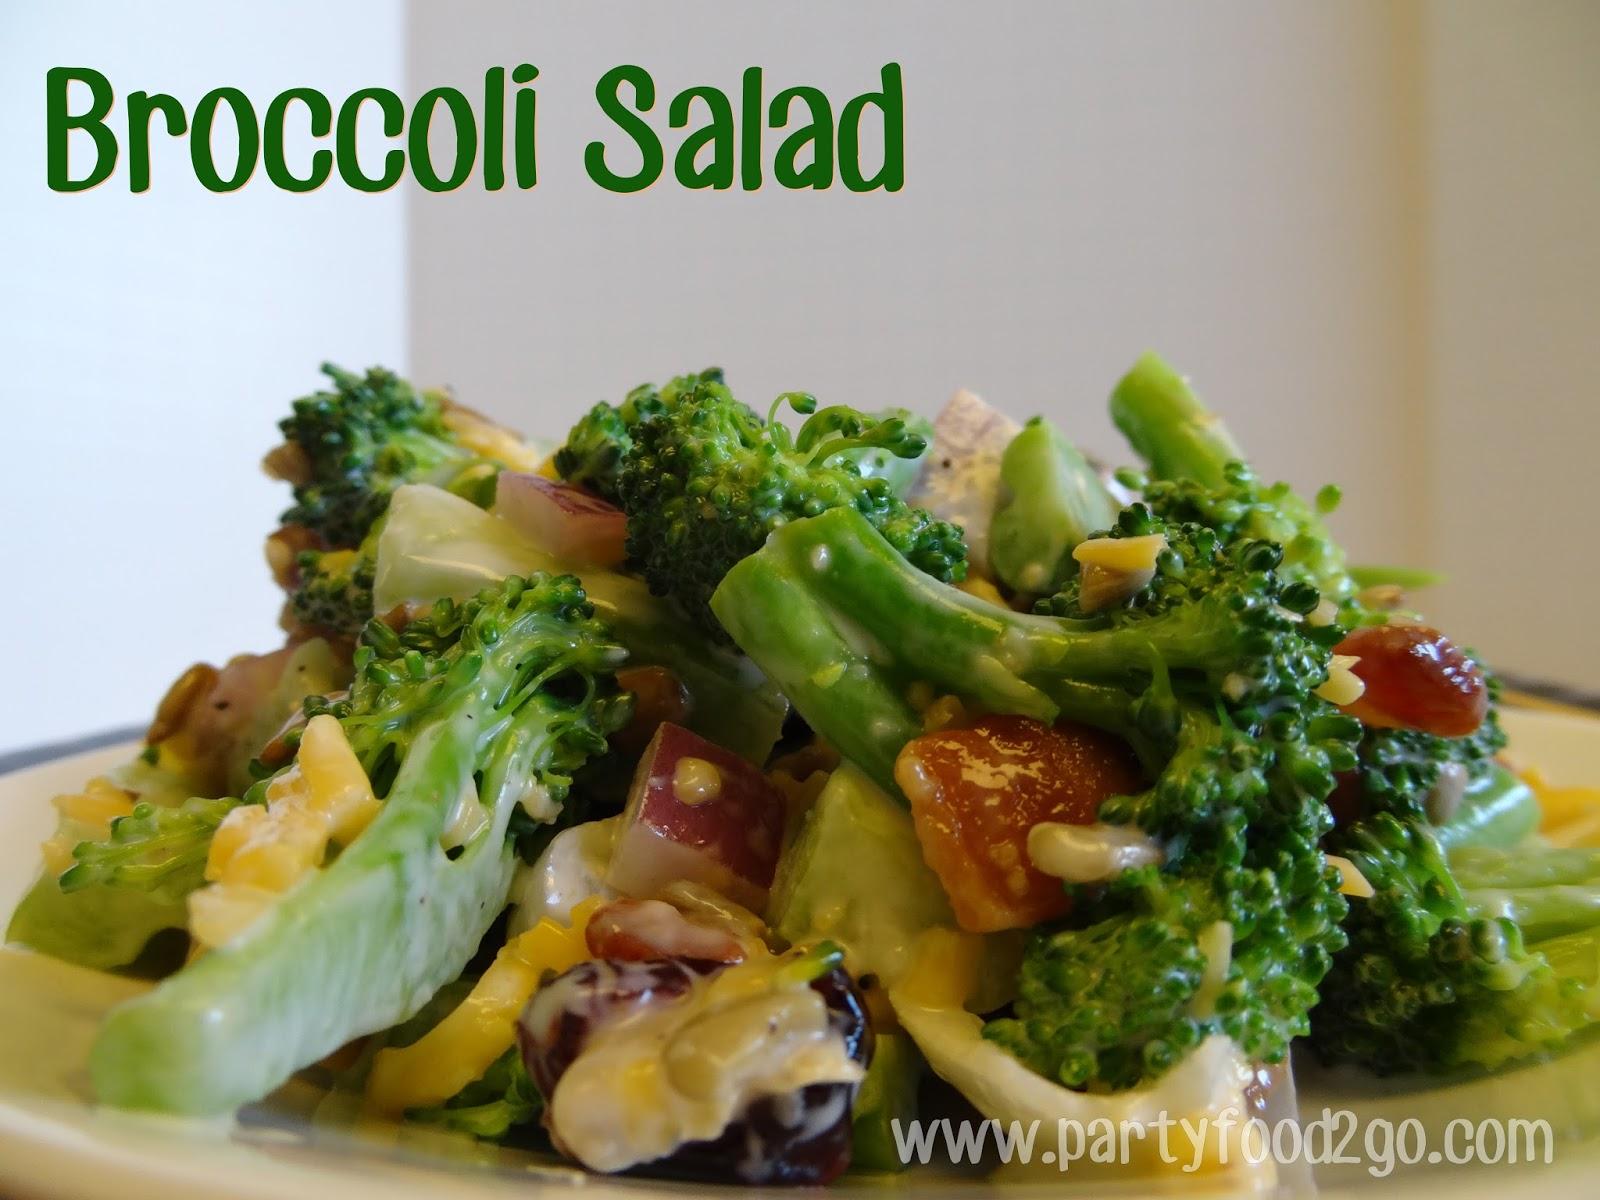 Unique Party Food to Go: Broccoli Salad